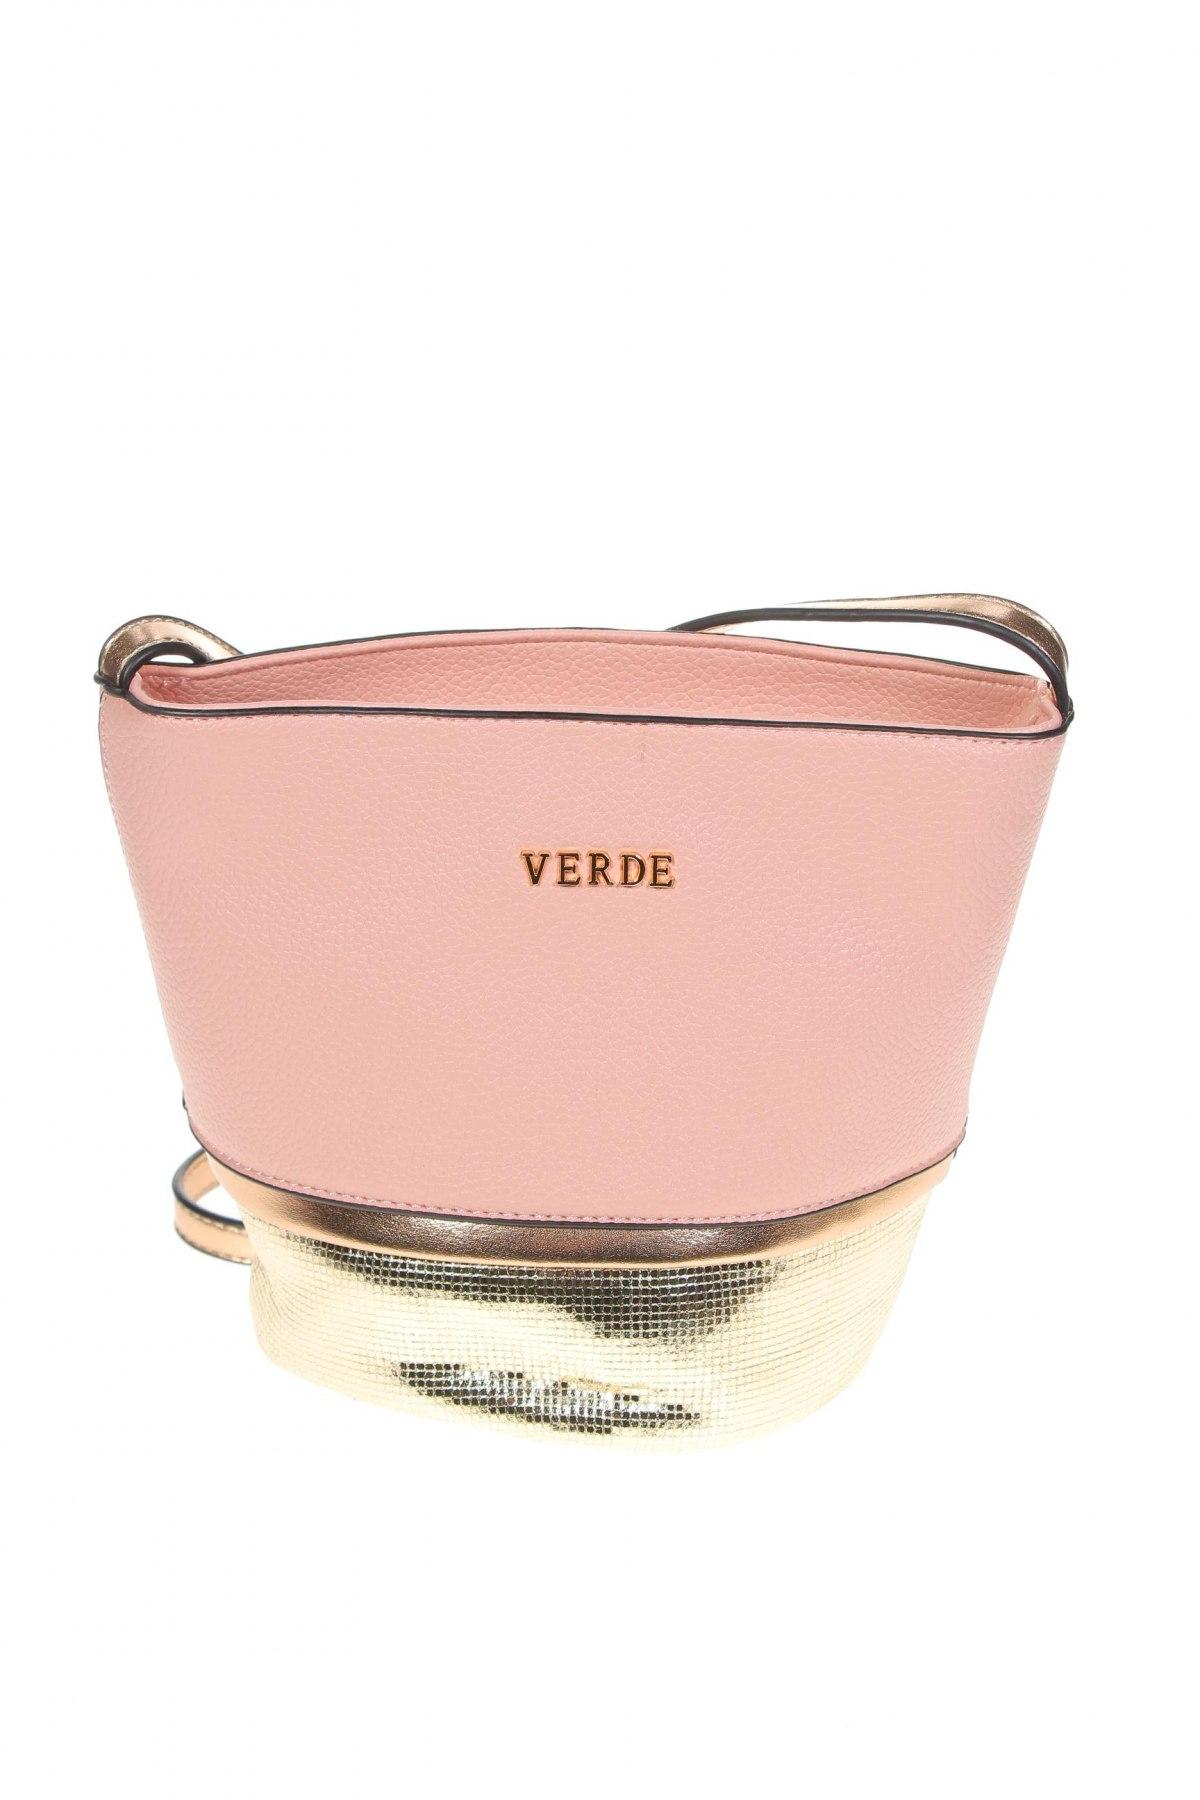 Дамска чанта Verde, Цвят Розов, Еко кожа, Цена 30,02лв.